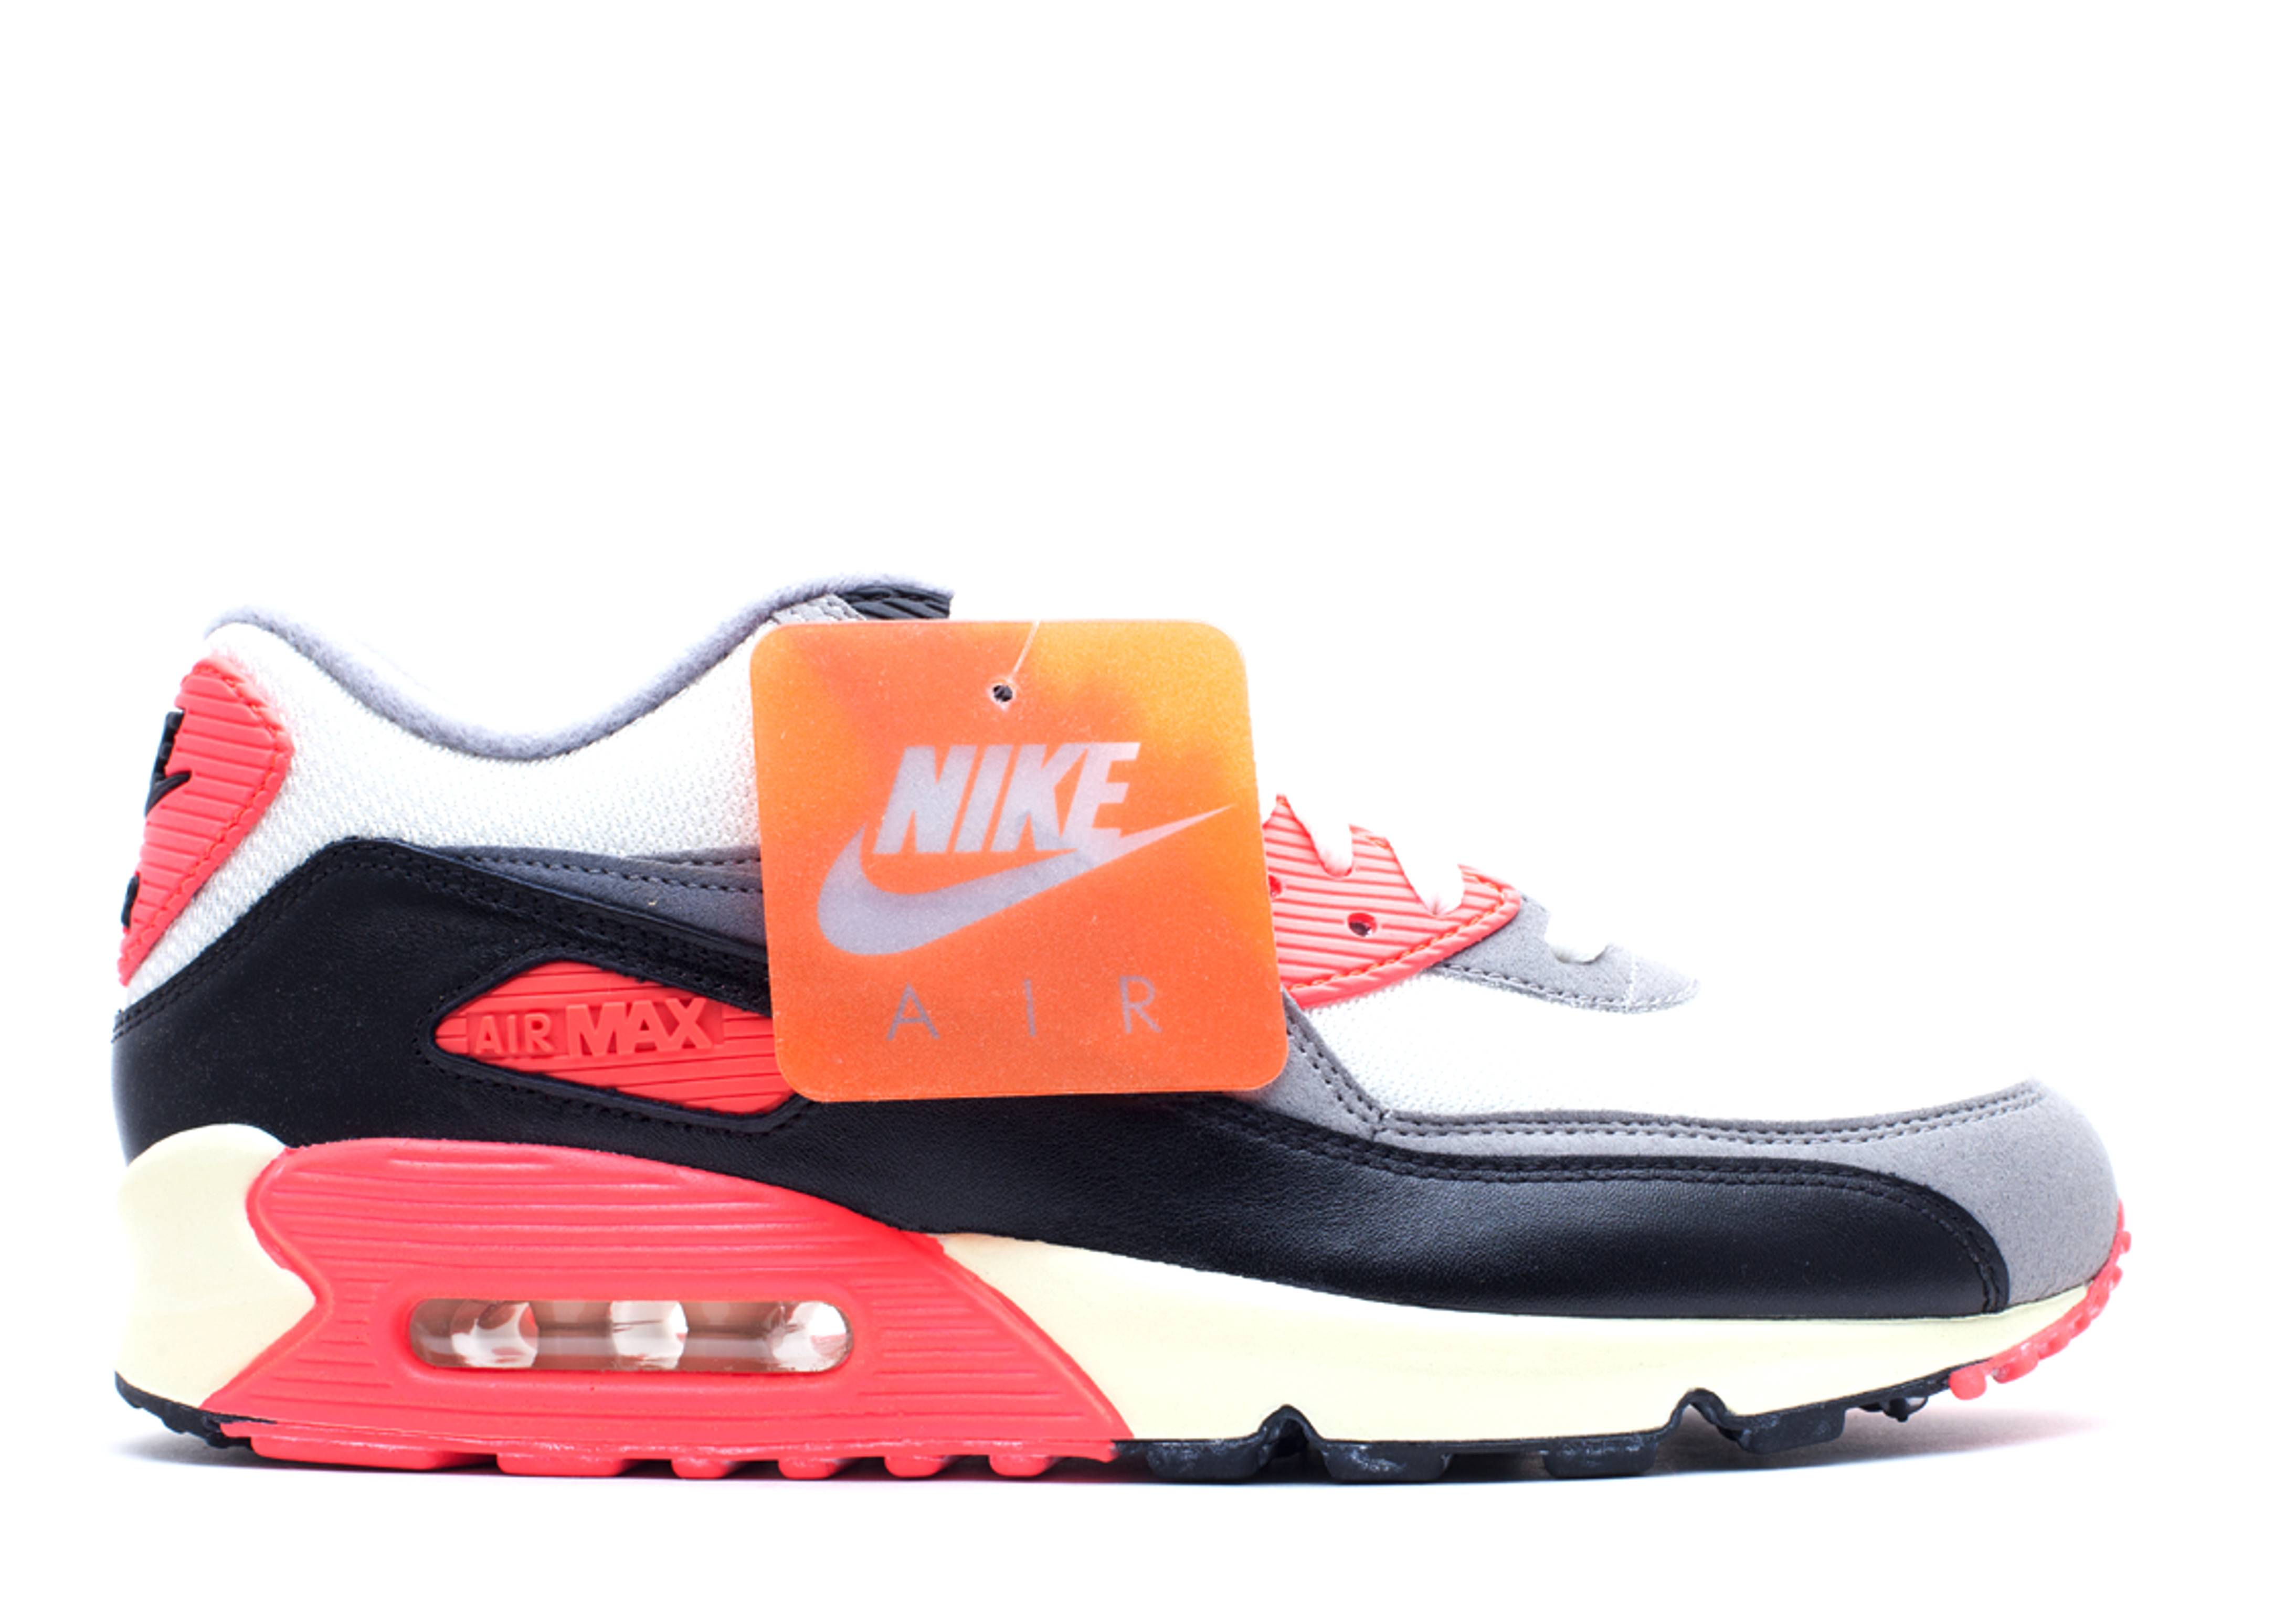 nike. air max 90 og infrared vintage